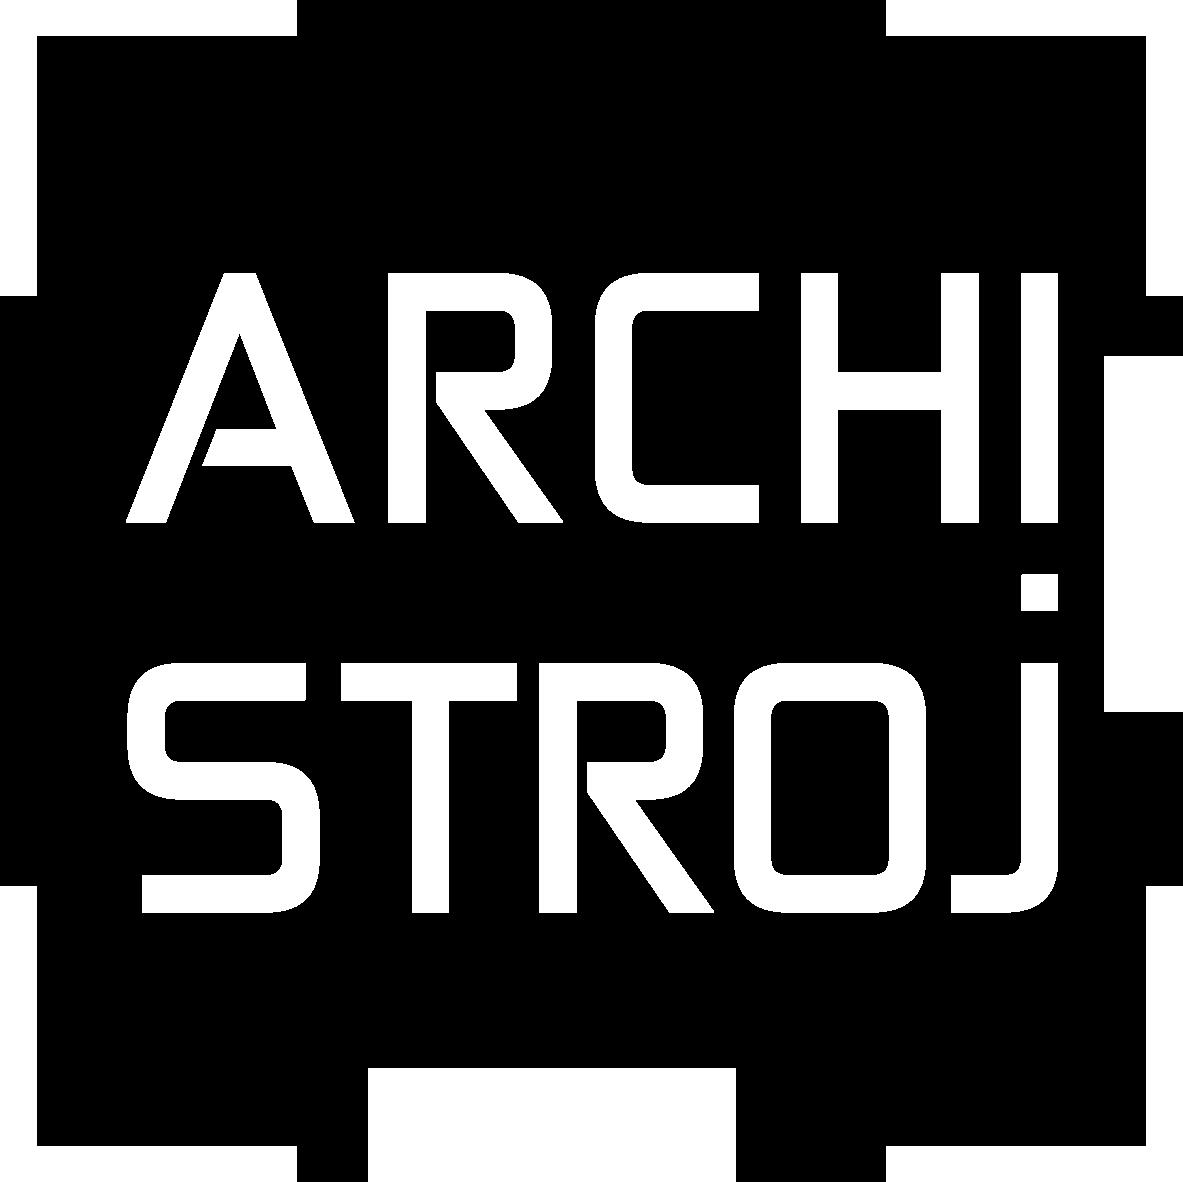 Archistroj